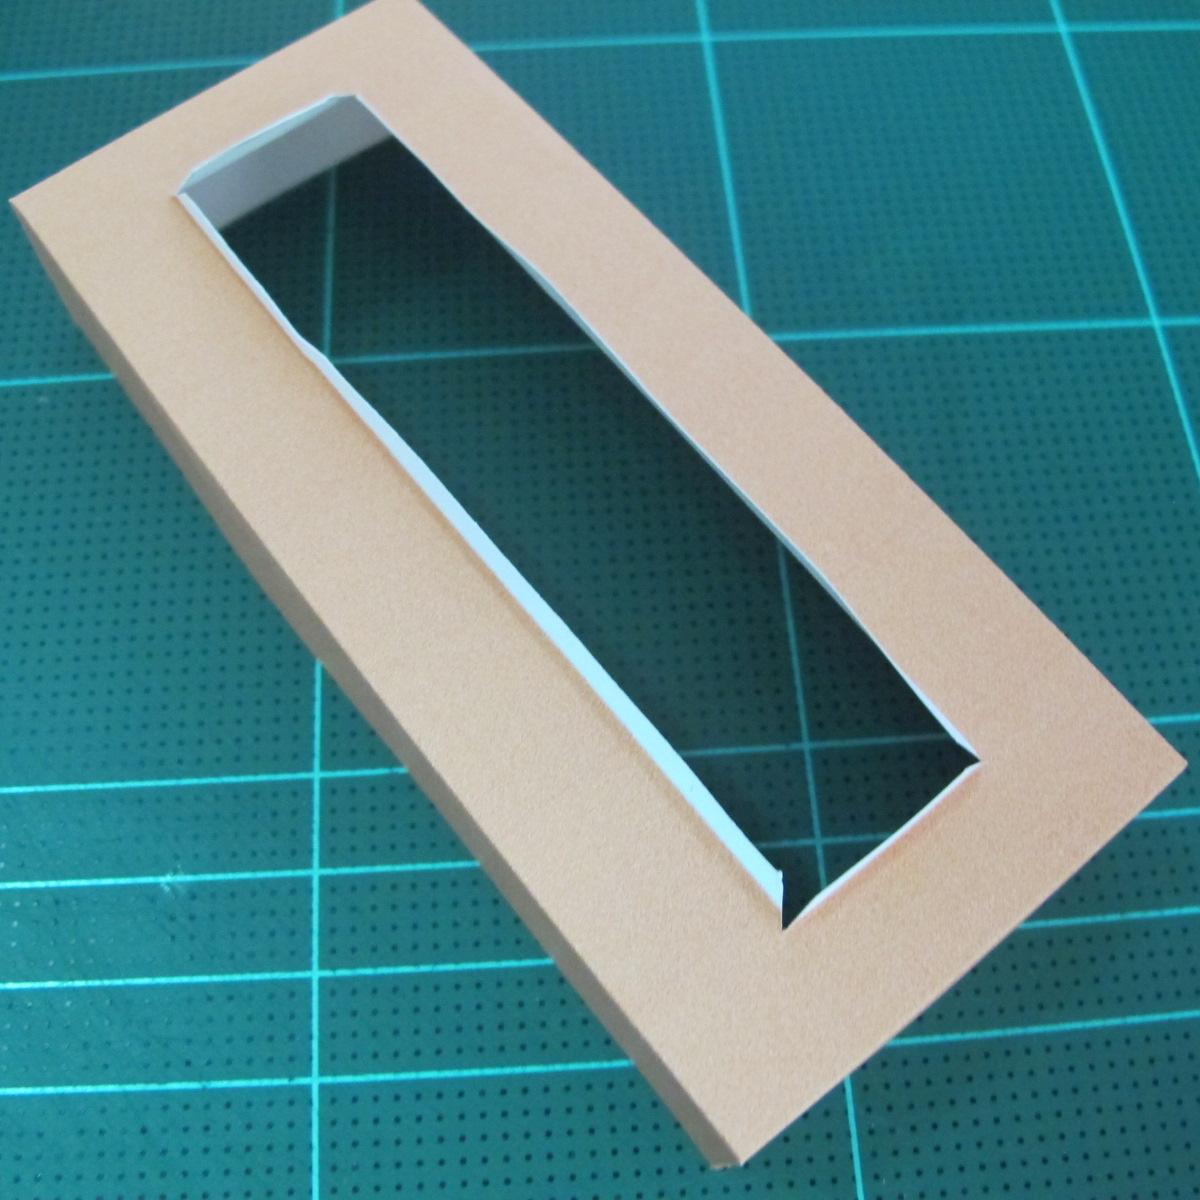 วิธีทำโมเดลกระดาษ ตุ้กตาไลน์ หมีบราวน์ ถือพลั่ว (Line Brown Bear With Shovel Papercraft Model -「シャベル」と「ブラウン」) 024